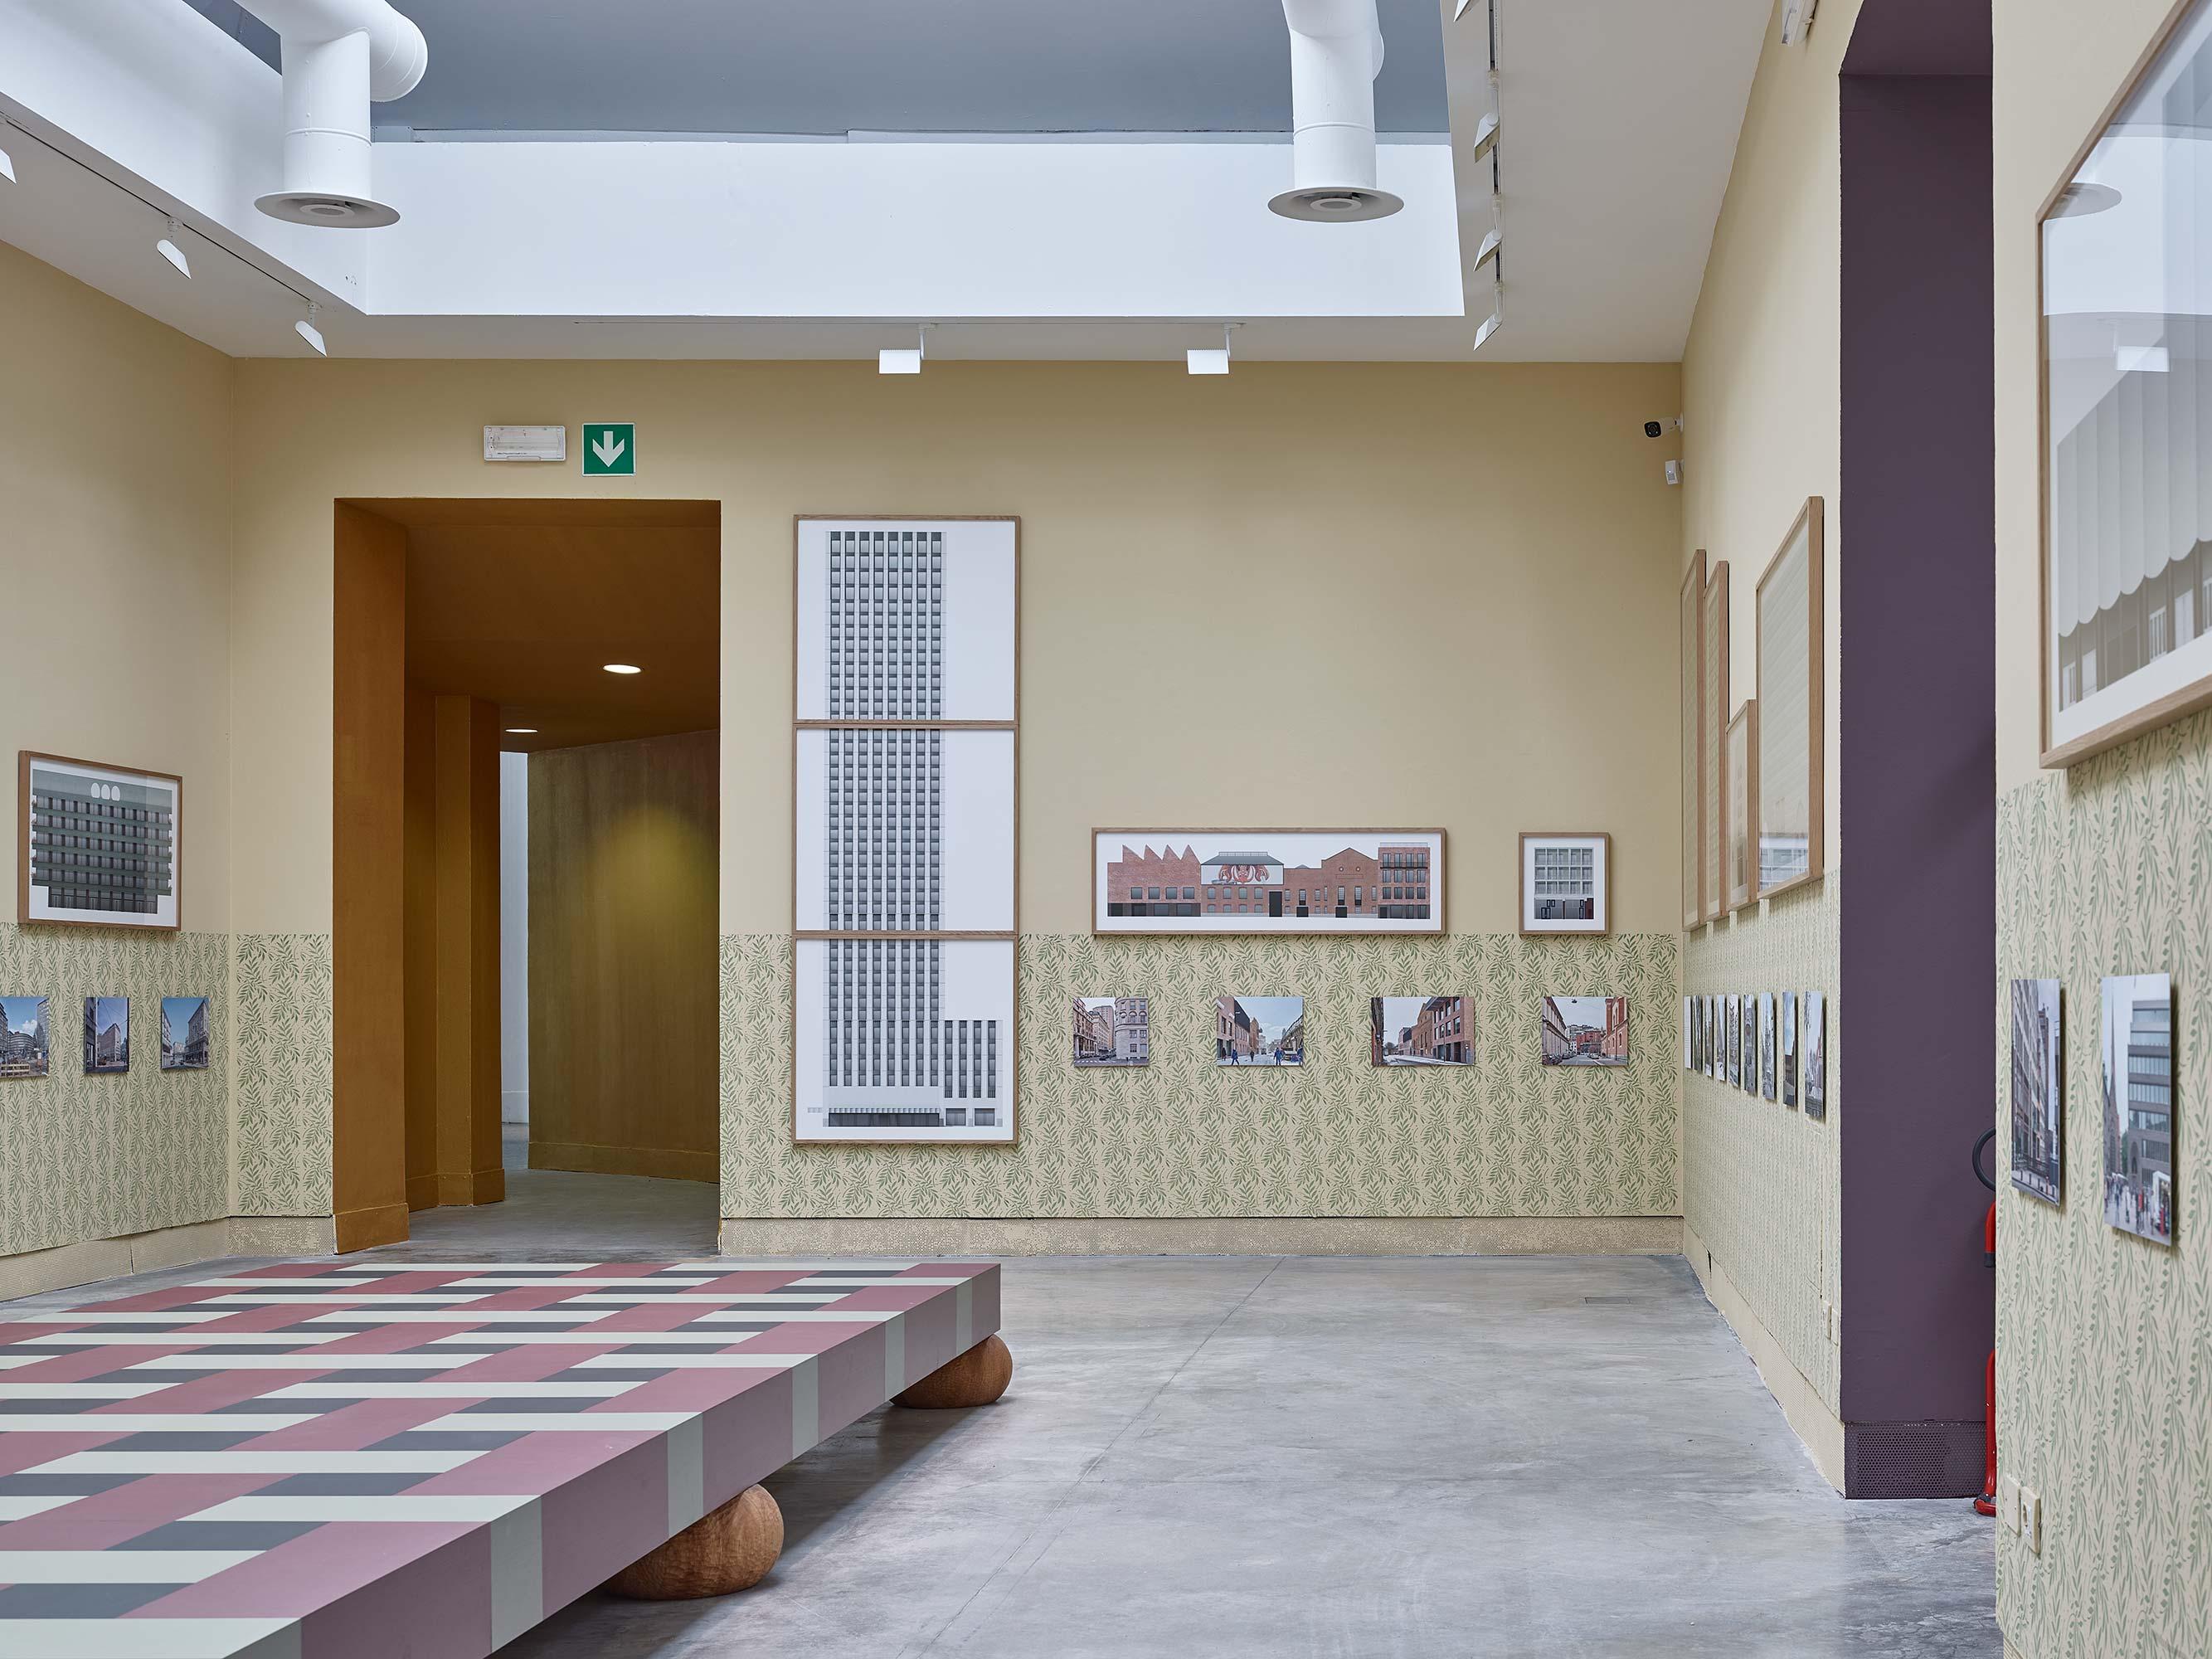 Architekturbiennale Venedig 2018  371/9